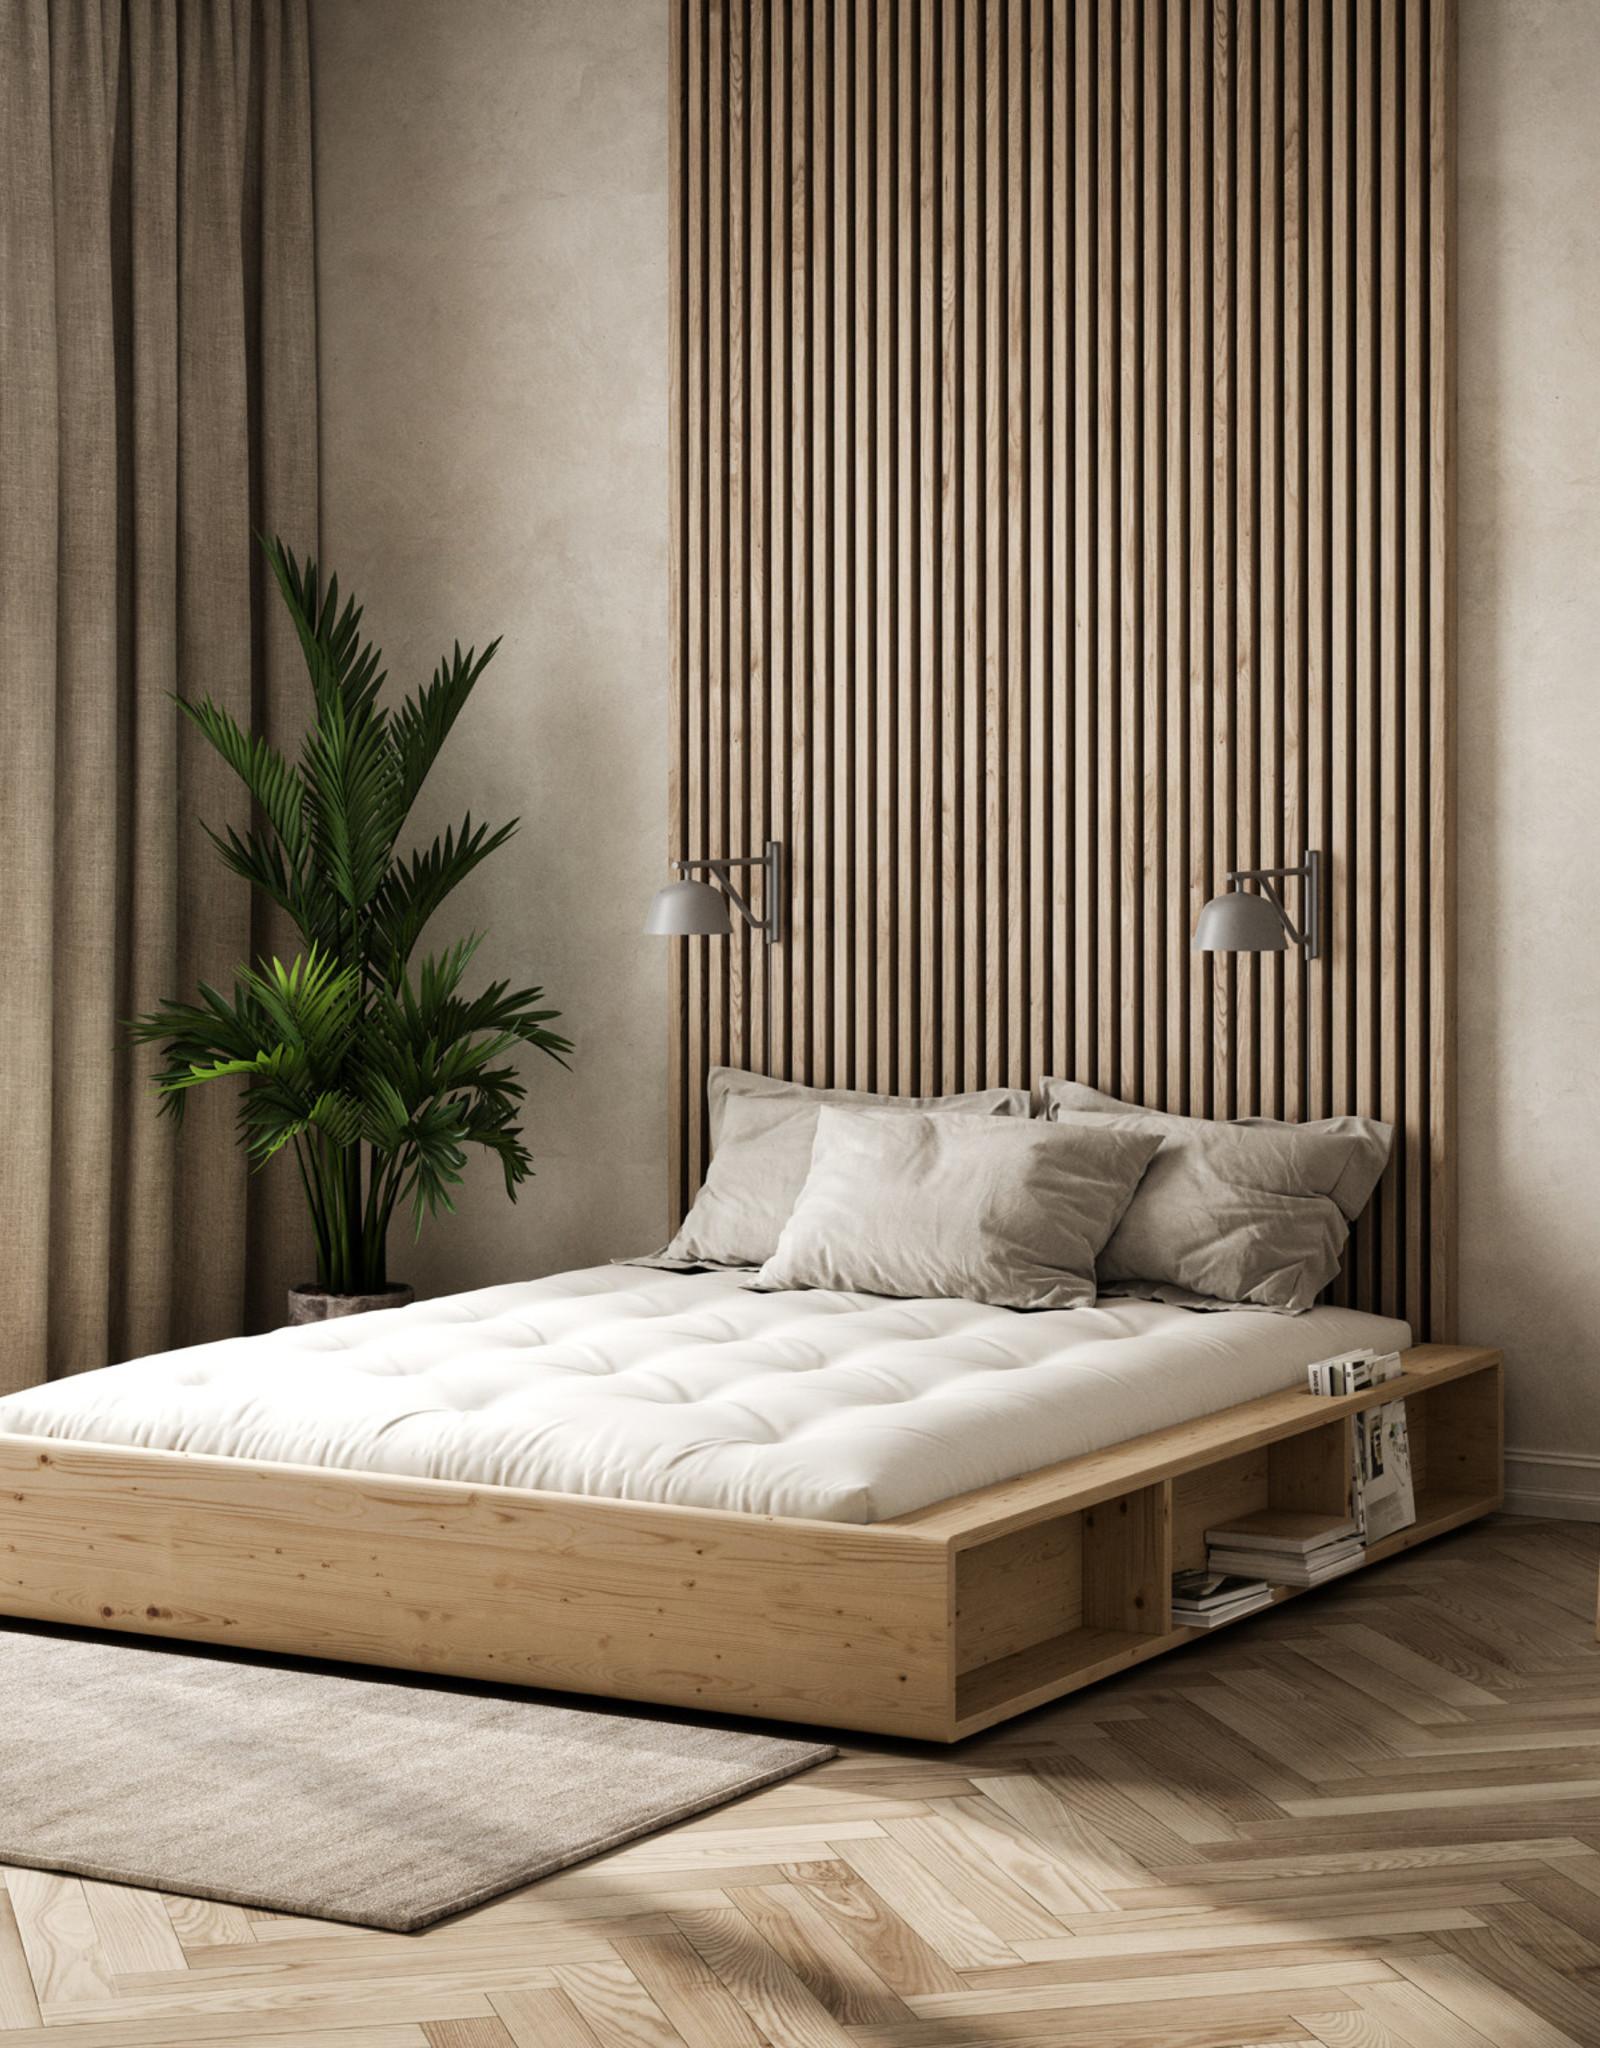 Karup Design Bedframe Ziggy (3 maten, 2 kleuren) - Direct leverbaar